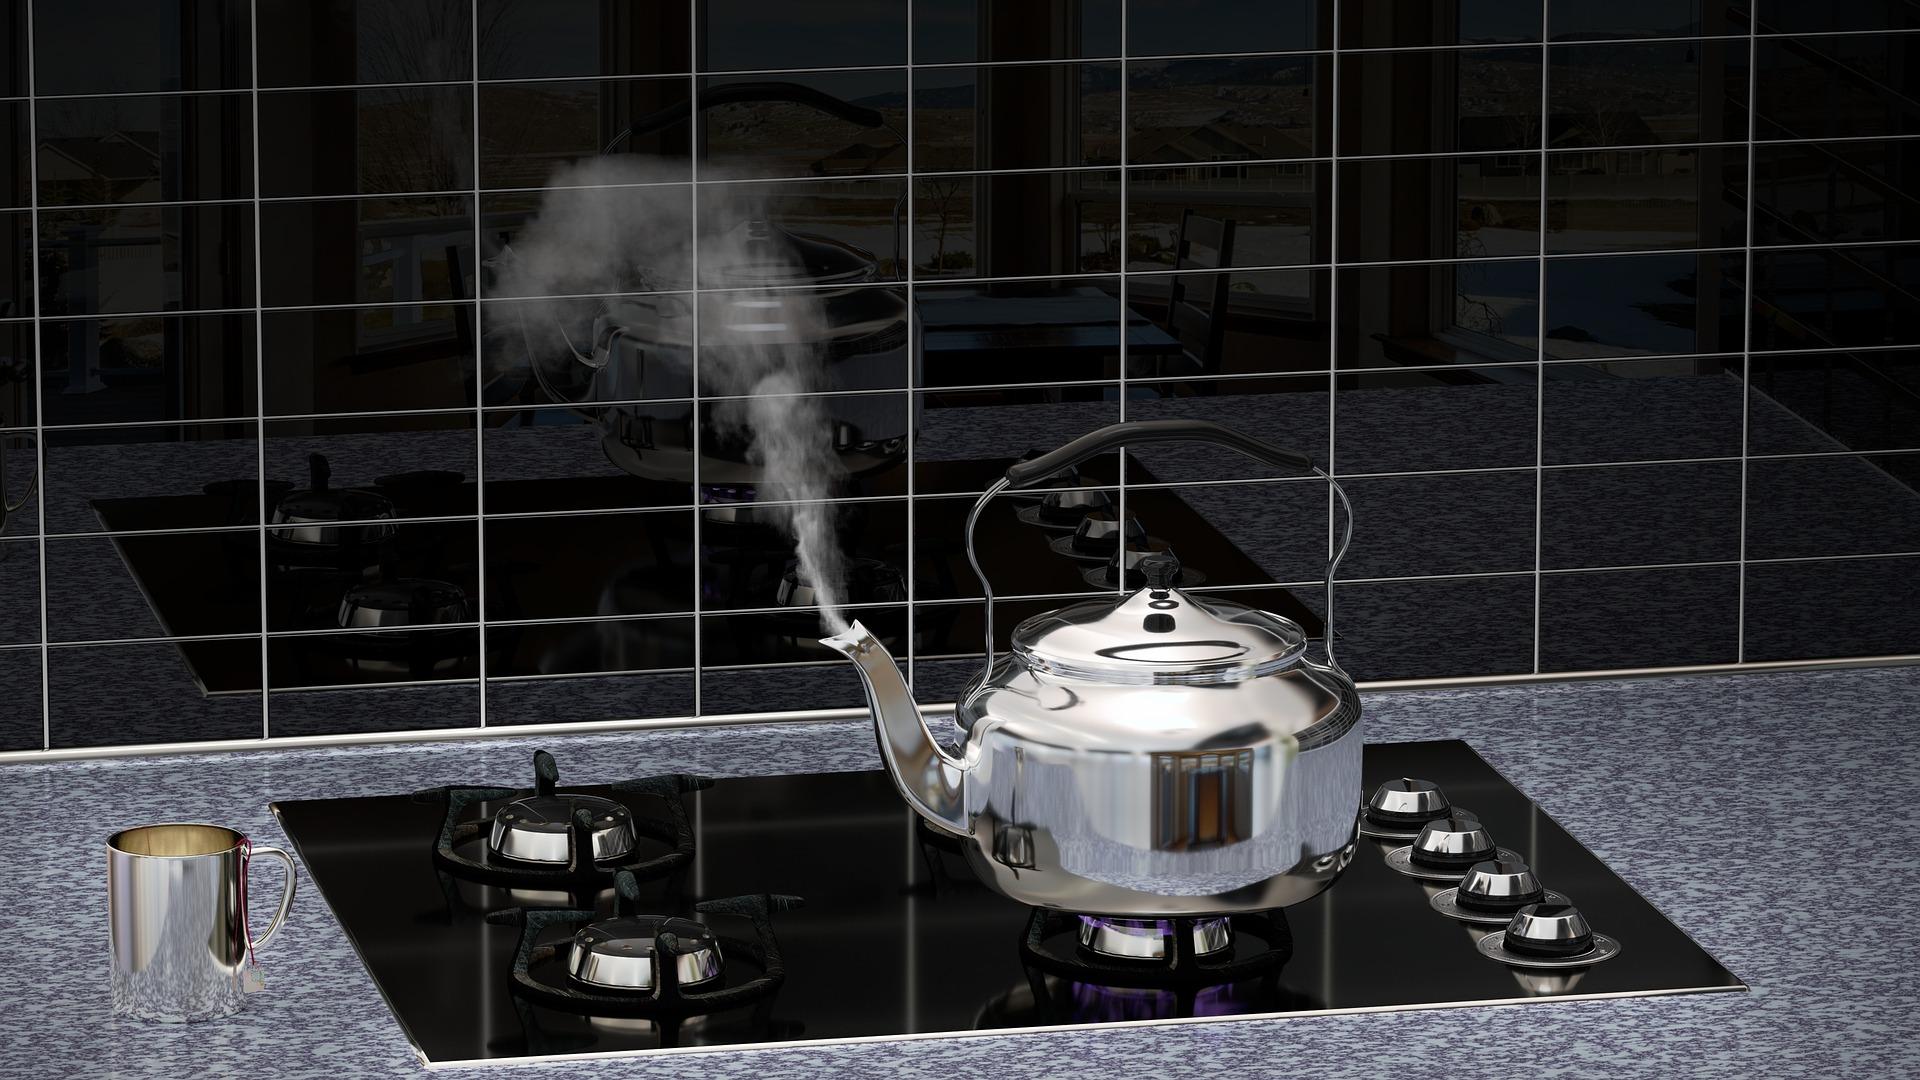 真っさらなただのお湯なのに?嬉しい3つの効果に白湯の作り方飲み方!